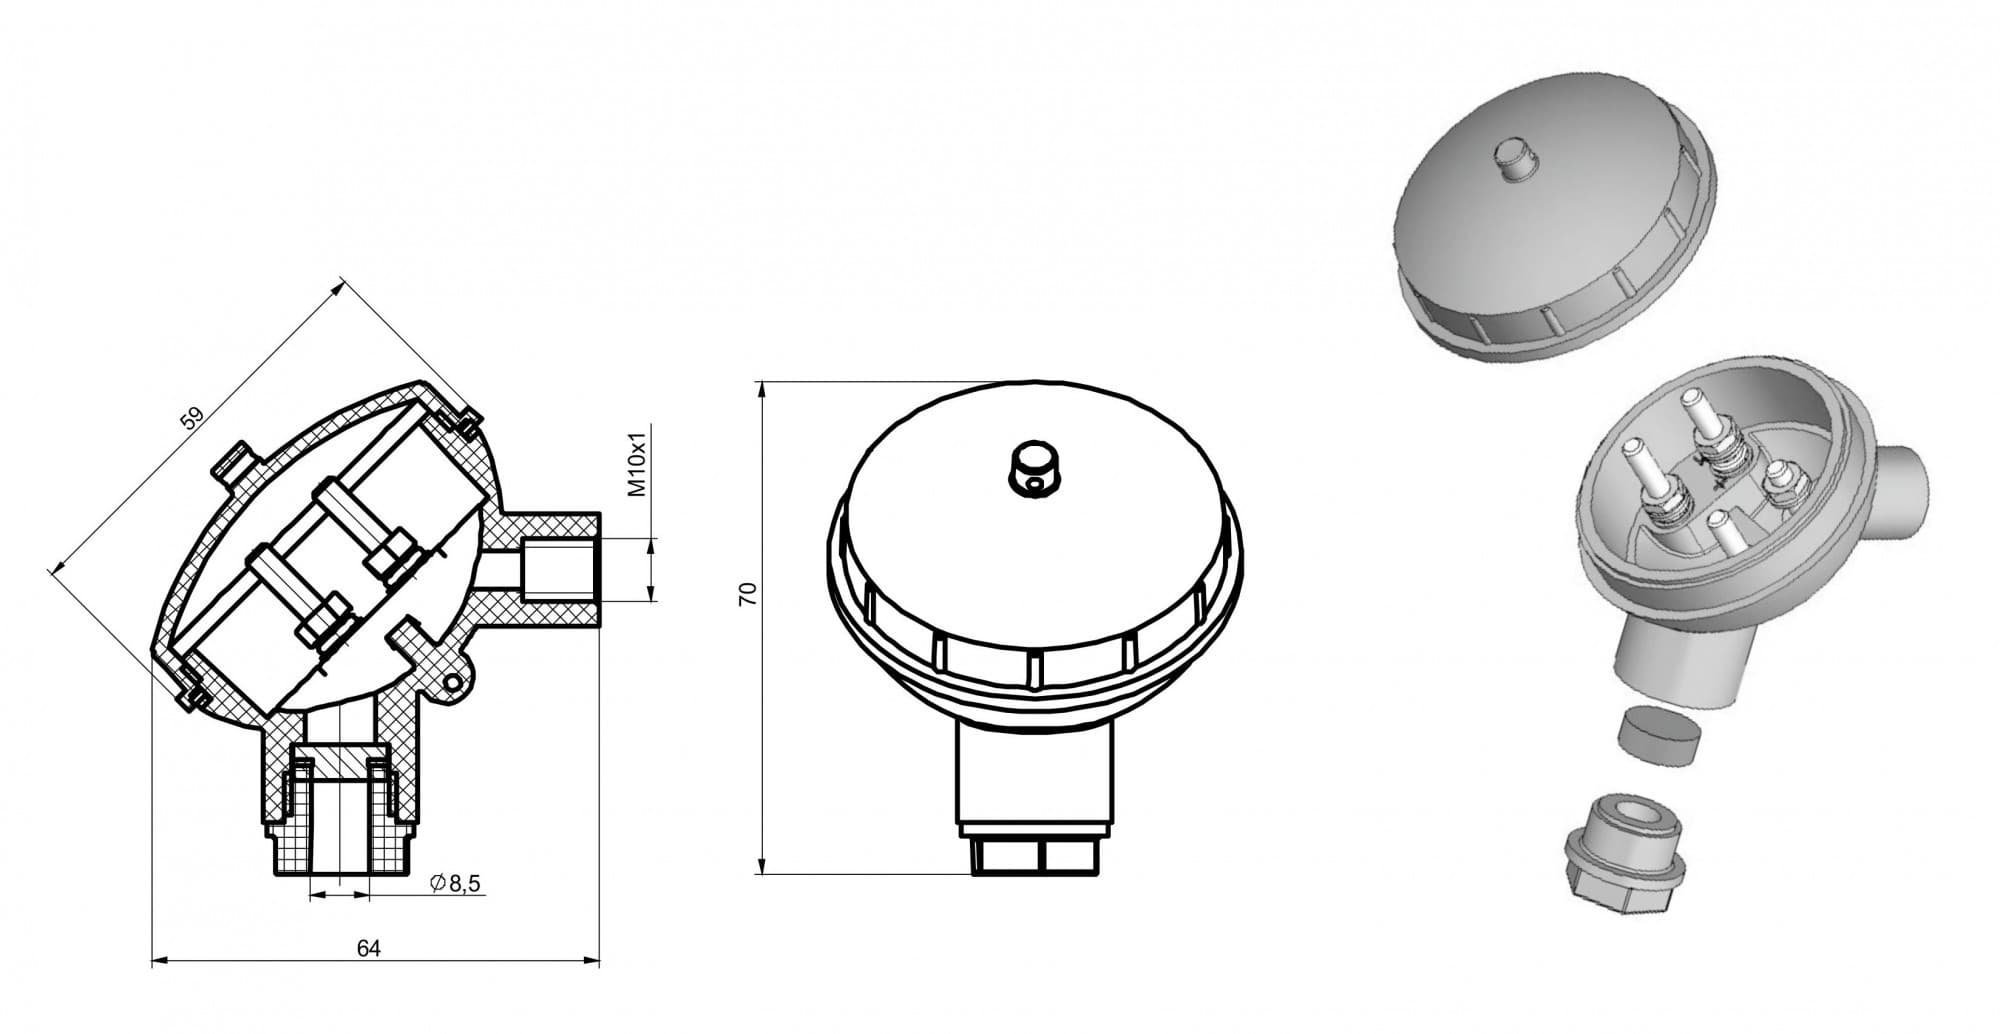 чертеж большой головки термопреобразователя Г-01 - Энергоприбор